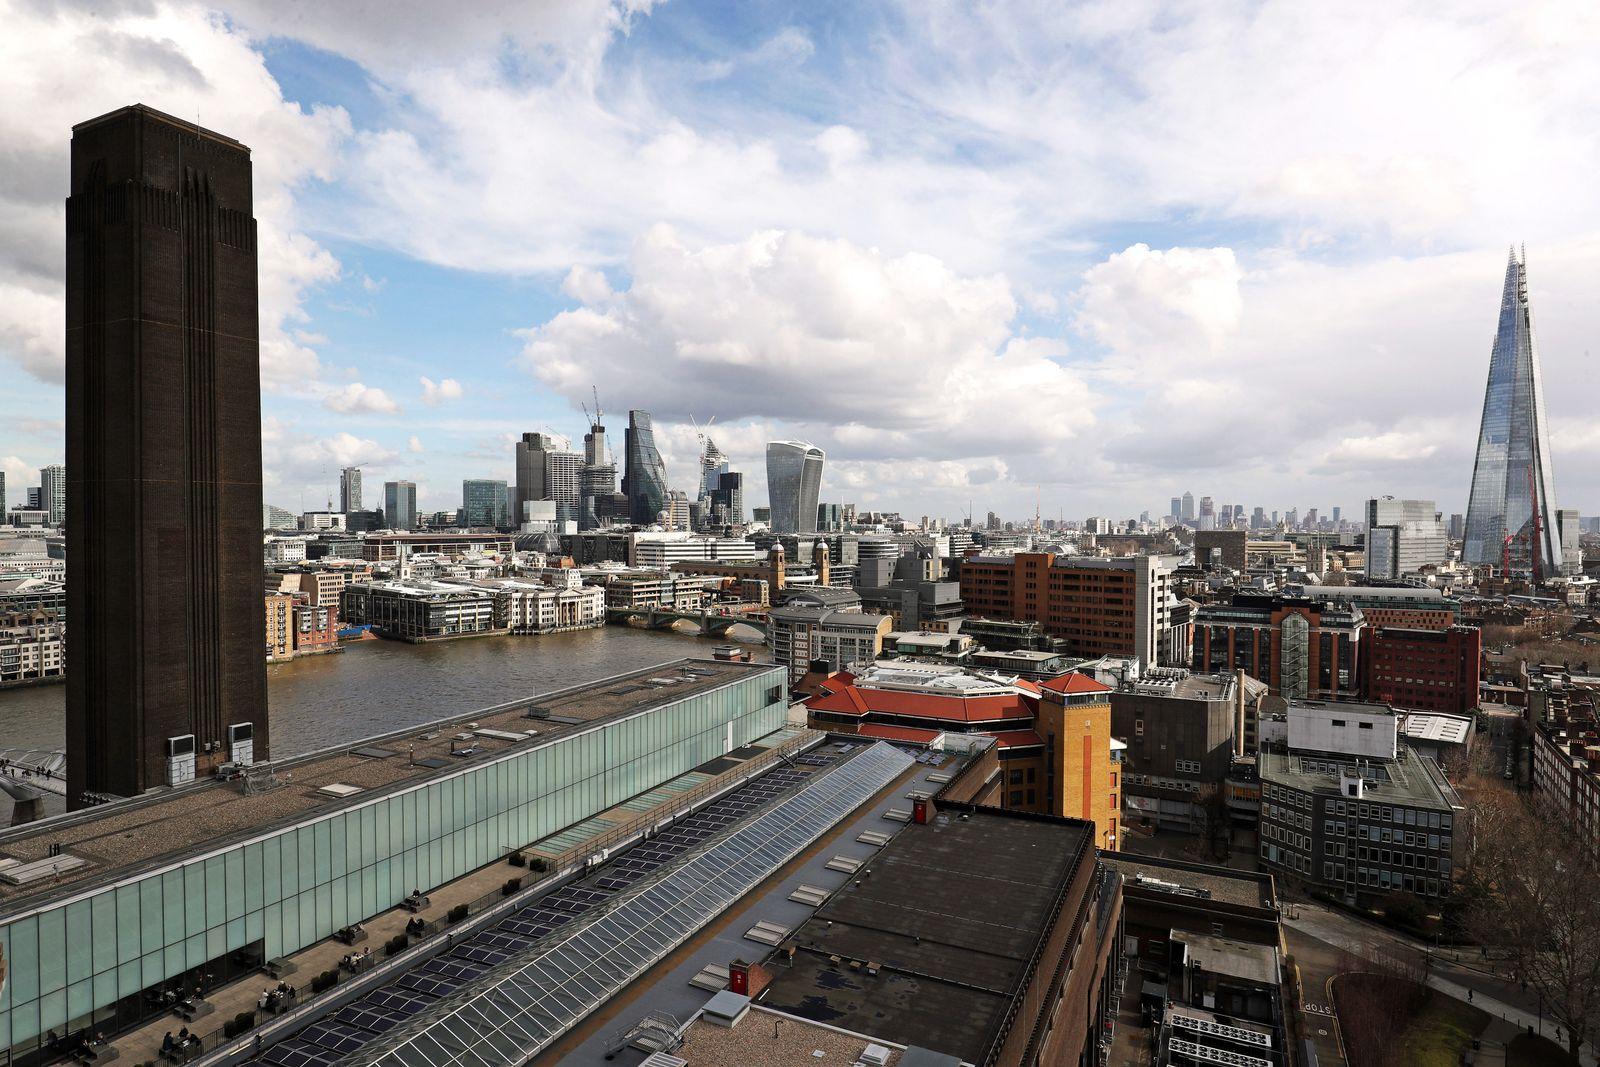 London Banken / Konjunktur / Banken-Viertel / Wirtschaft / England / Finanzzentrum